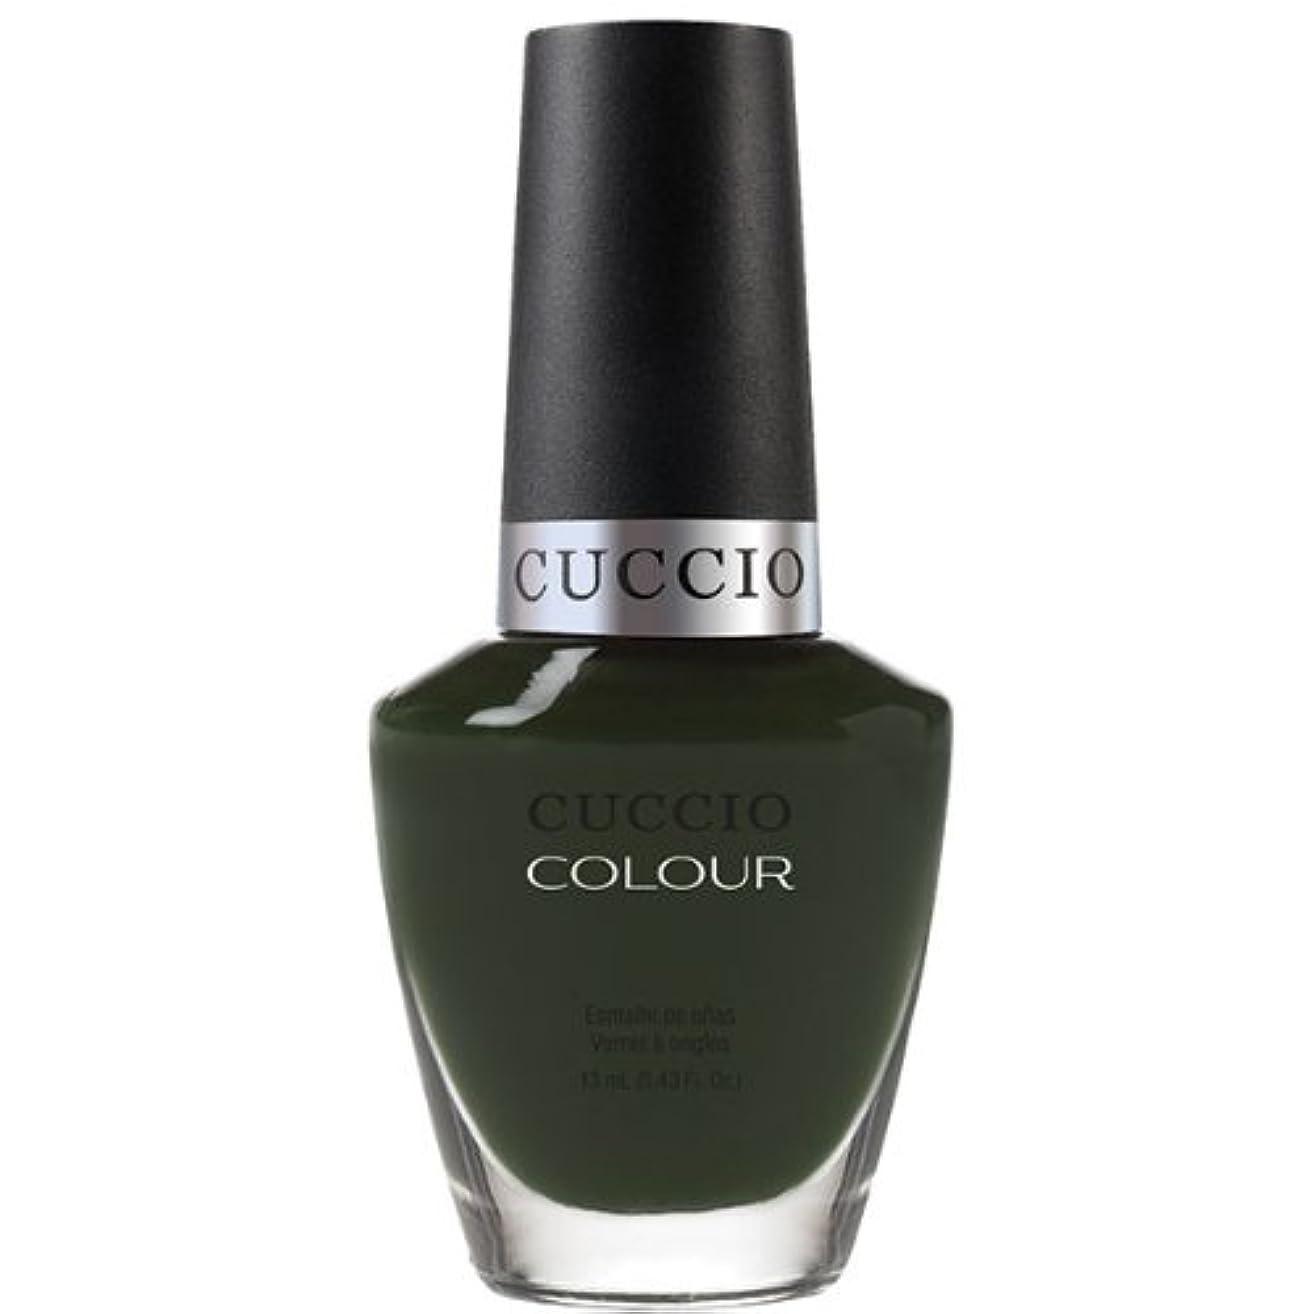 変数帝国退屈させるCuccio Colour Gloss Lacquer - Glasgow Nights - 0.43oz / 13ml